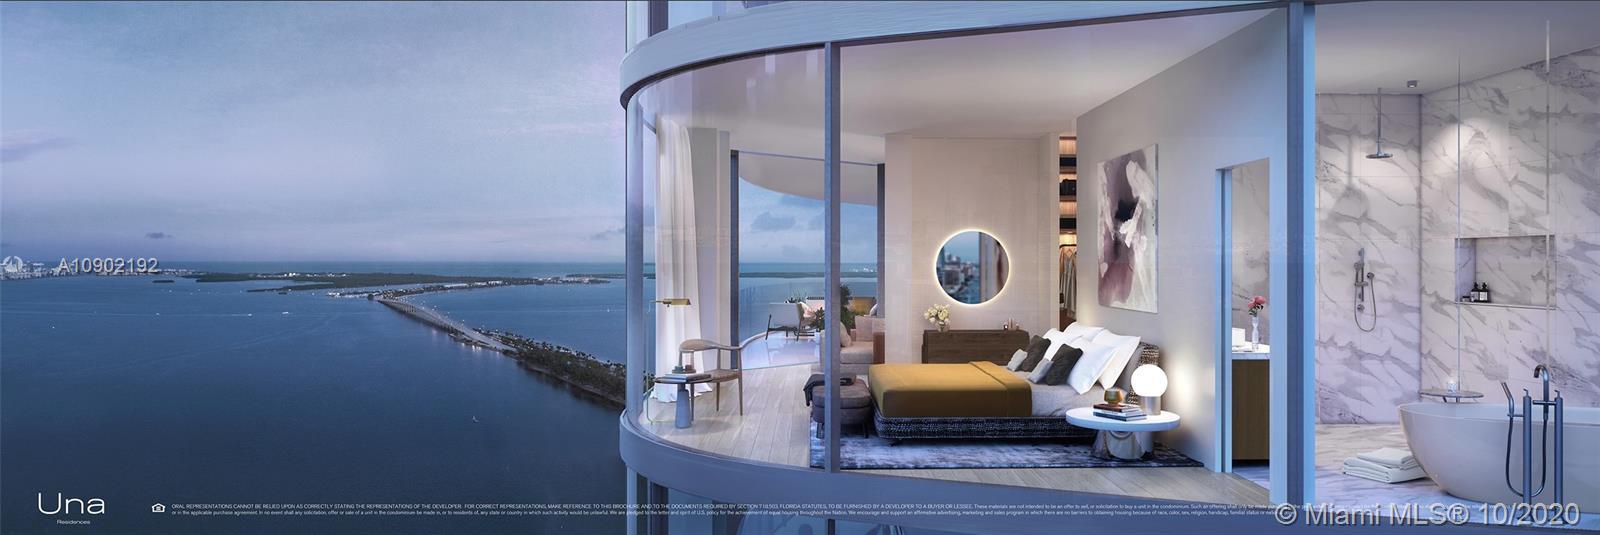 image #1 of property, Una Residences, Unit 2804